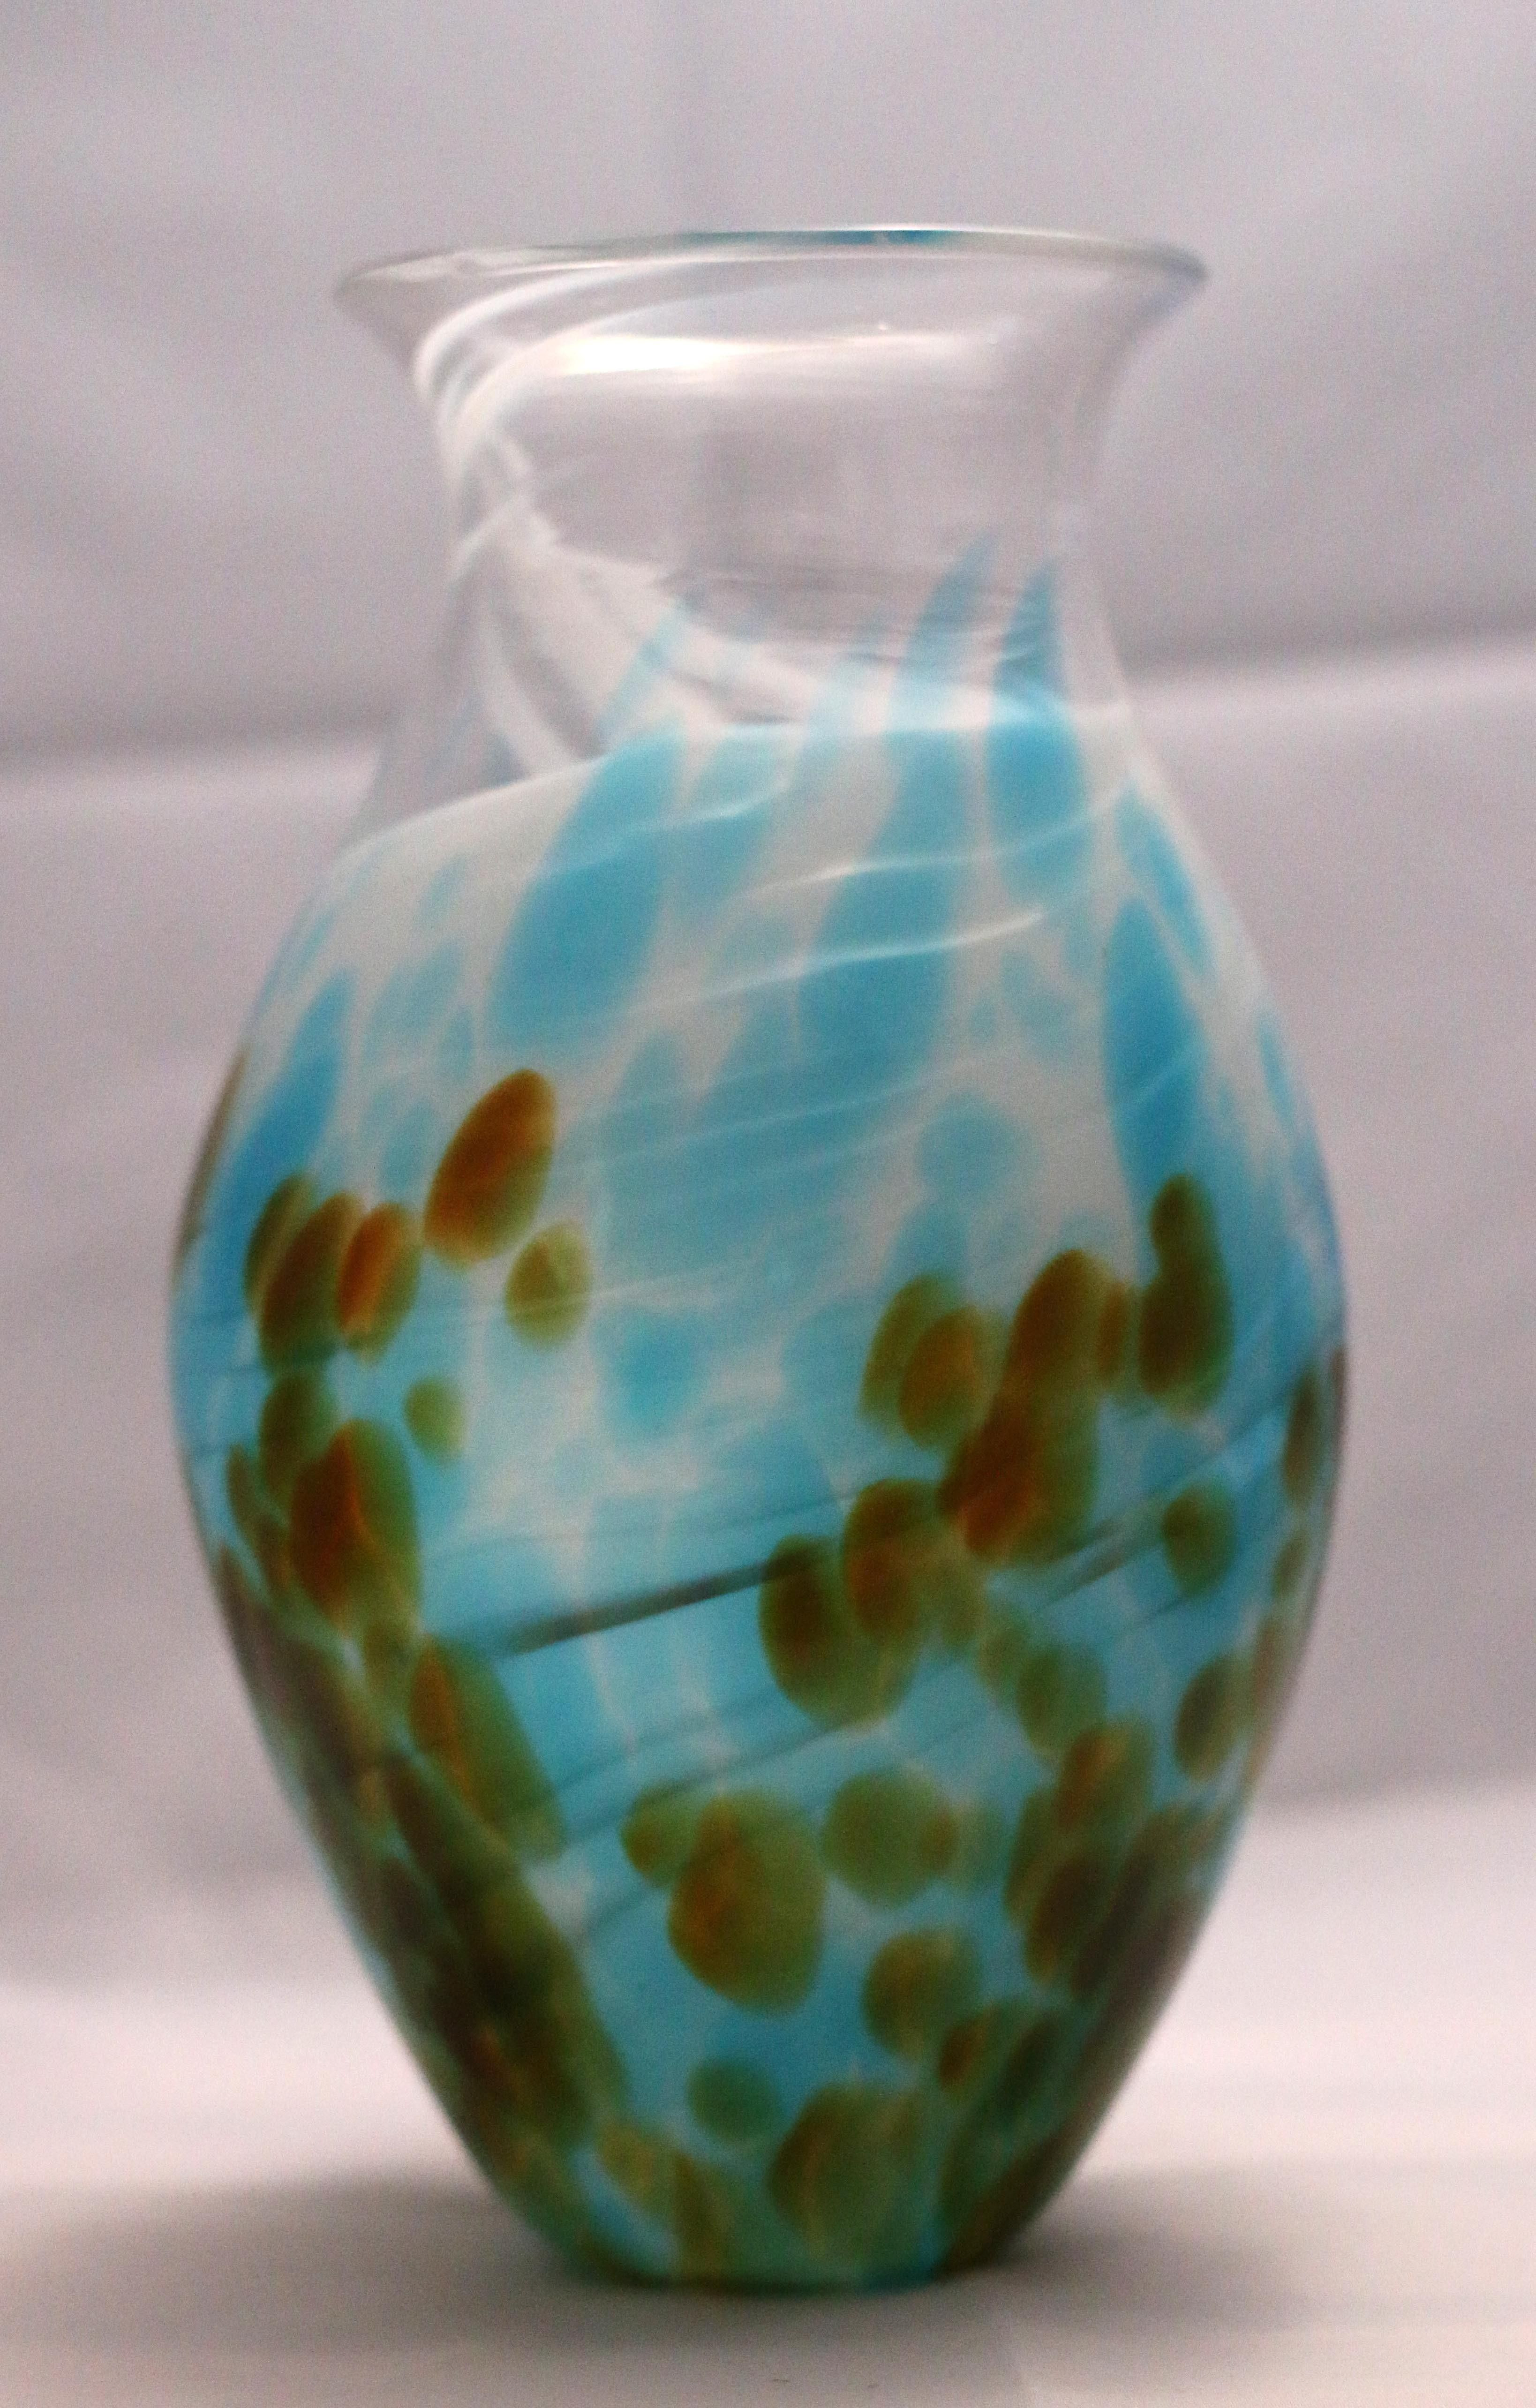 viking glass green vase of 22 hobnail glass vase the weekly world pertaining to white milk glass vases bulk glass designs